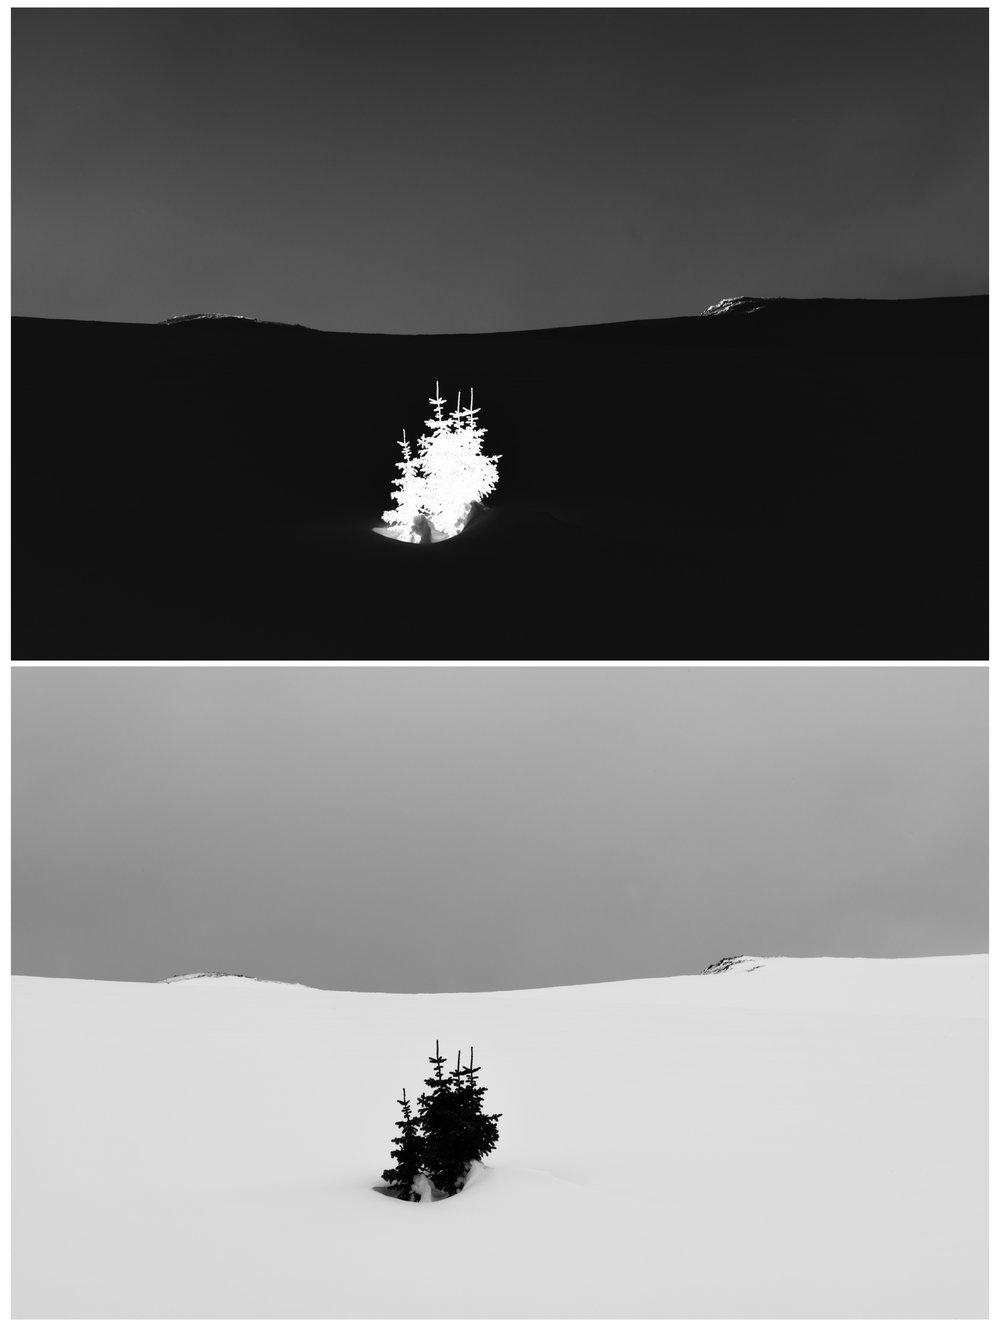 inversions 4 - minimal tree.jpg